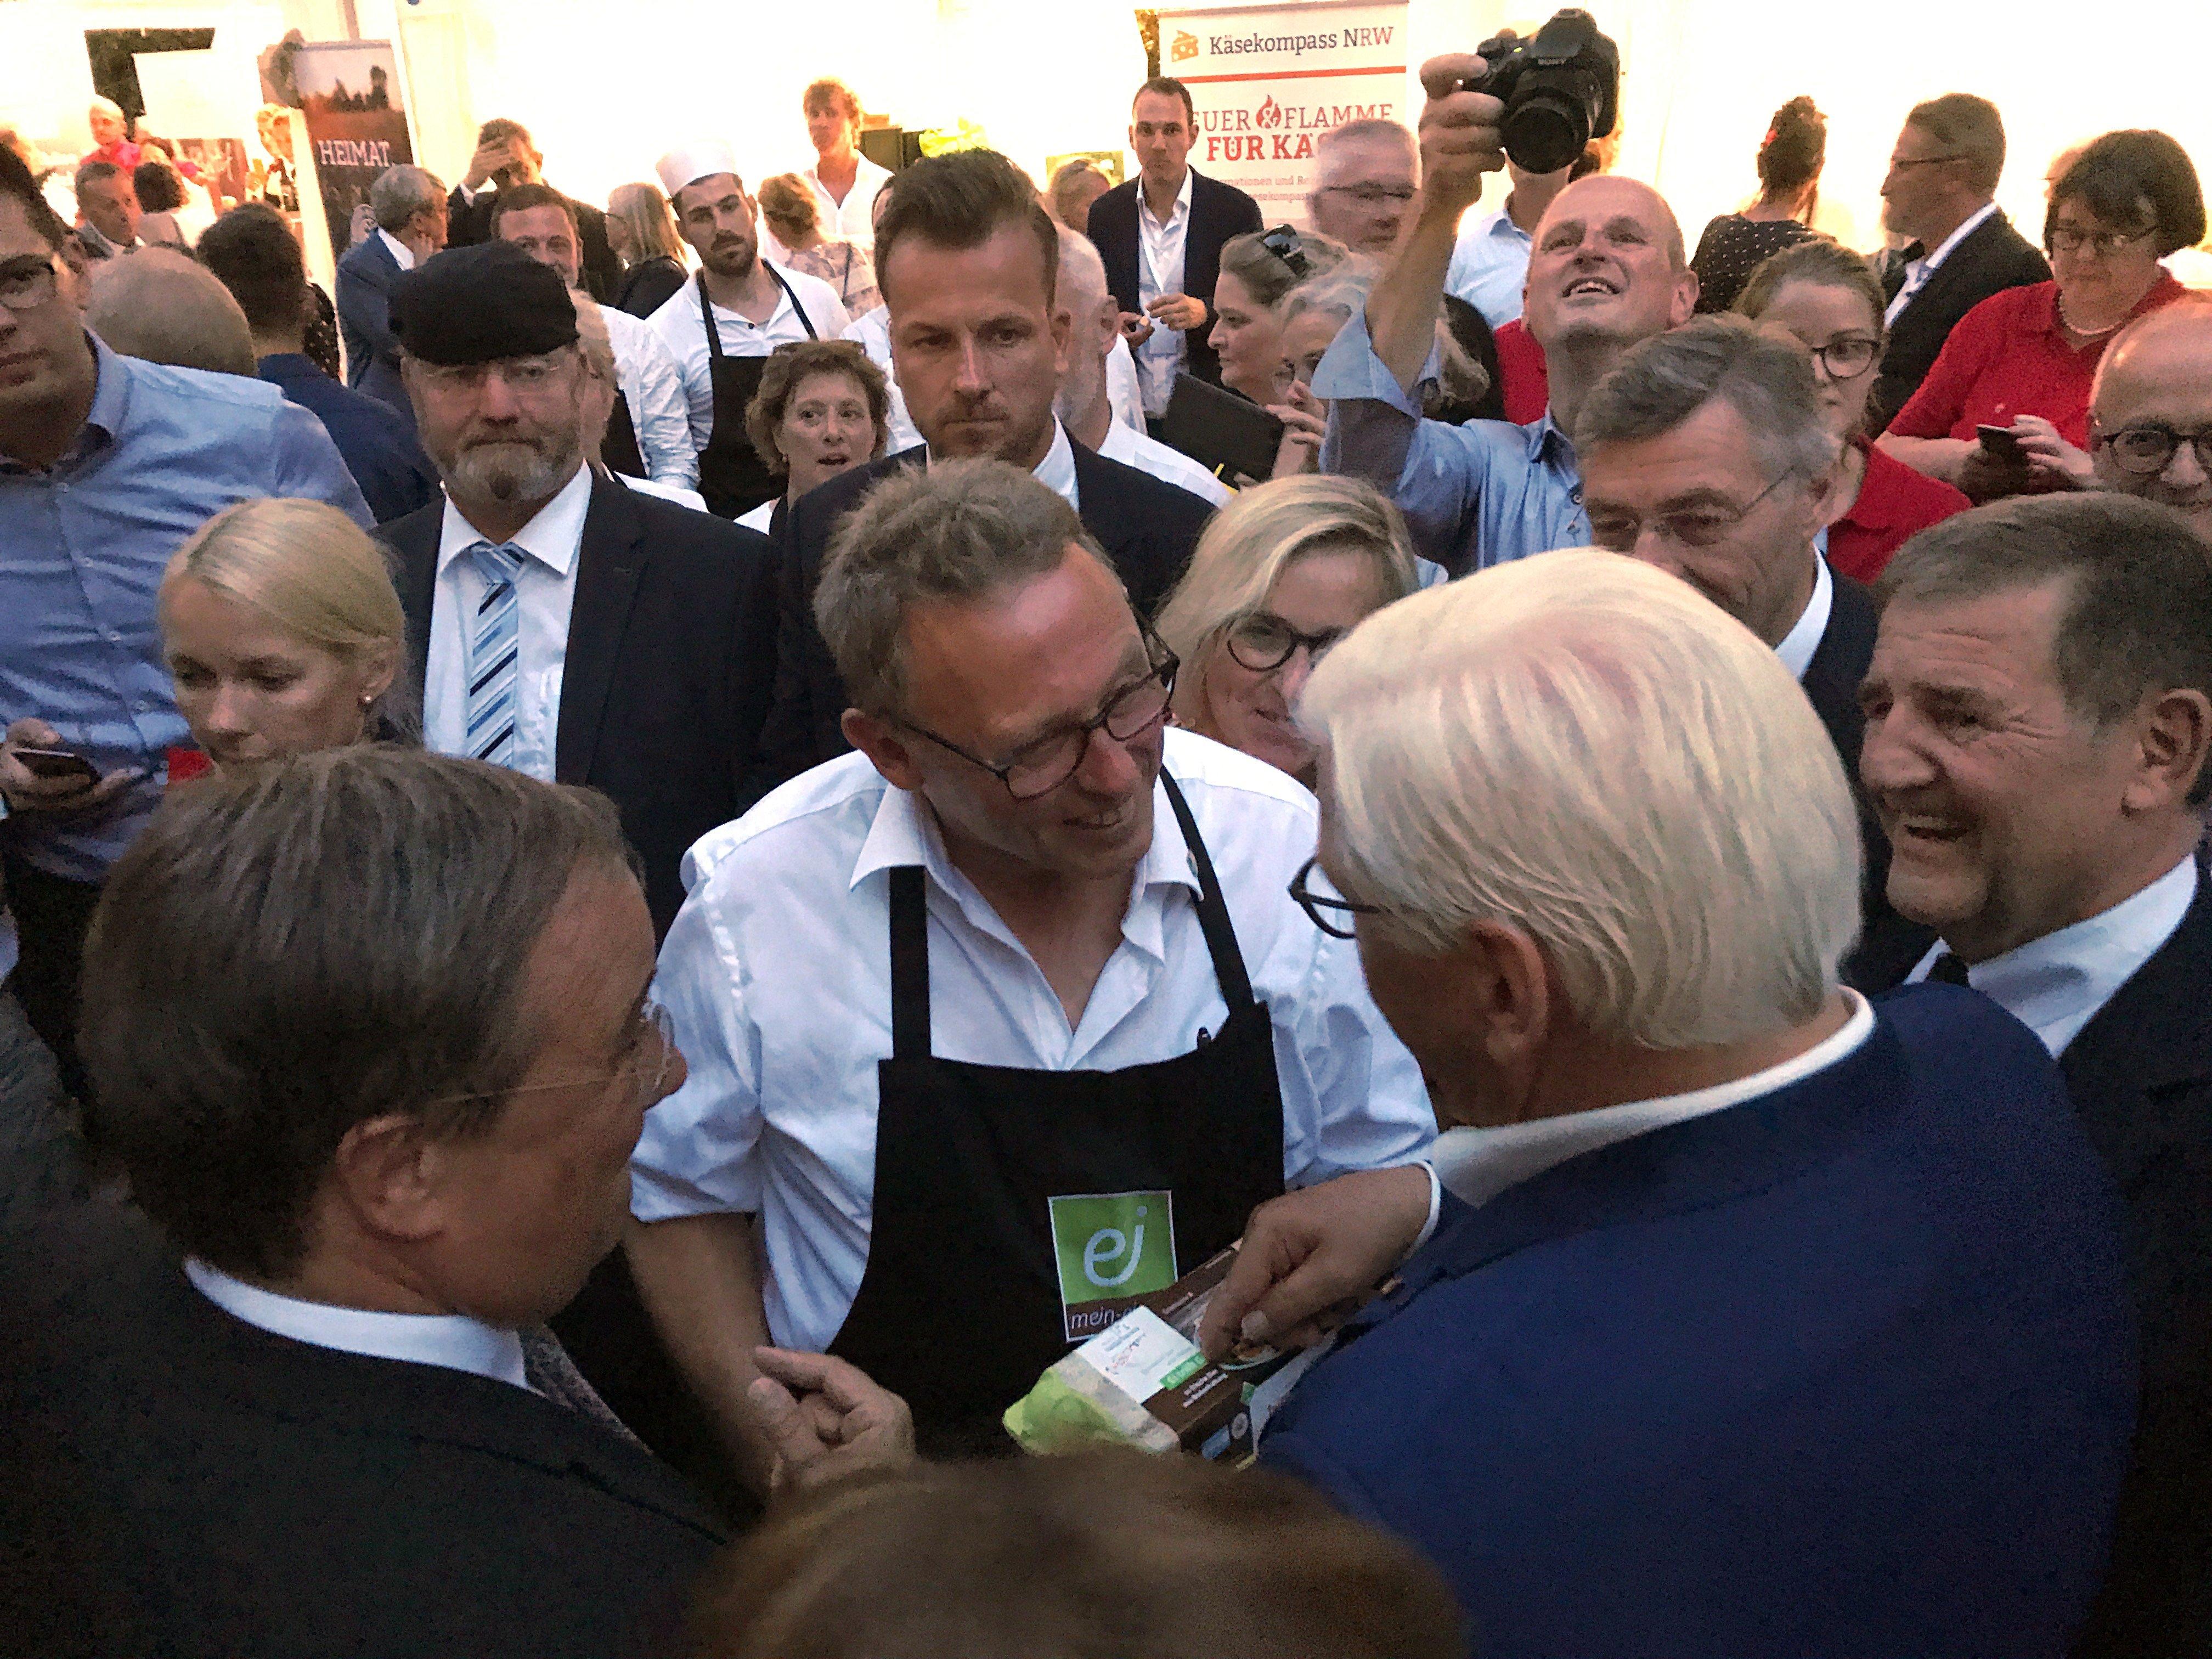 Foto: Dietrich Vriesen (Vorstandsvorsitzender mein-ei.nrw e. V.) mit Bundespräsident Frank-Walter Steinmeier und NRW-Ministerpräsident Armin Laschet (Foto: Frank Maurer | milch-nrw.de)